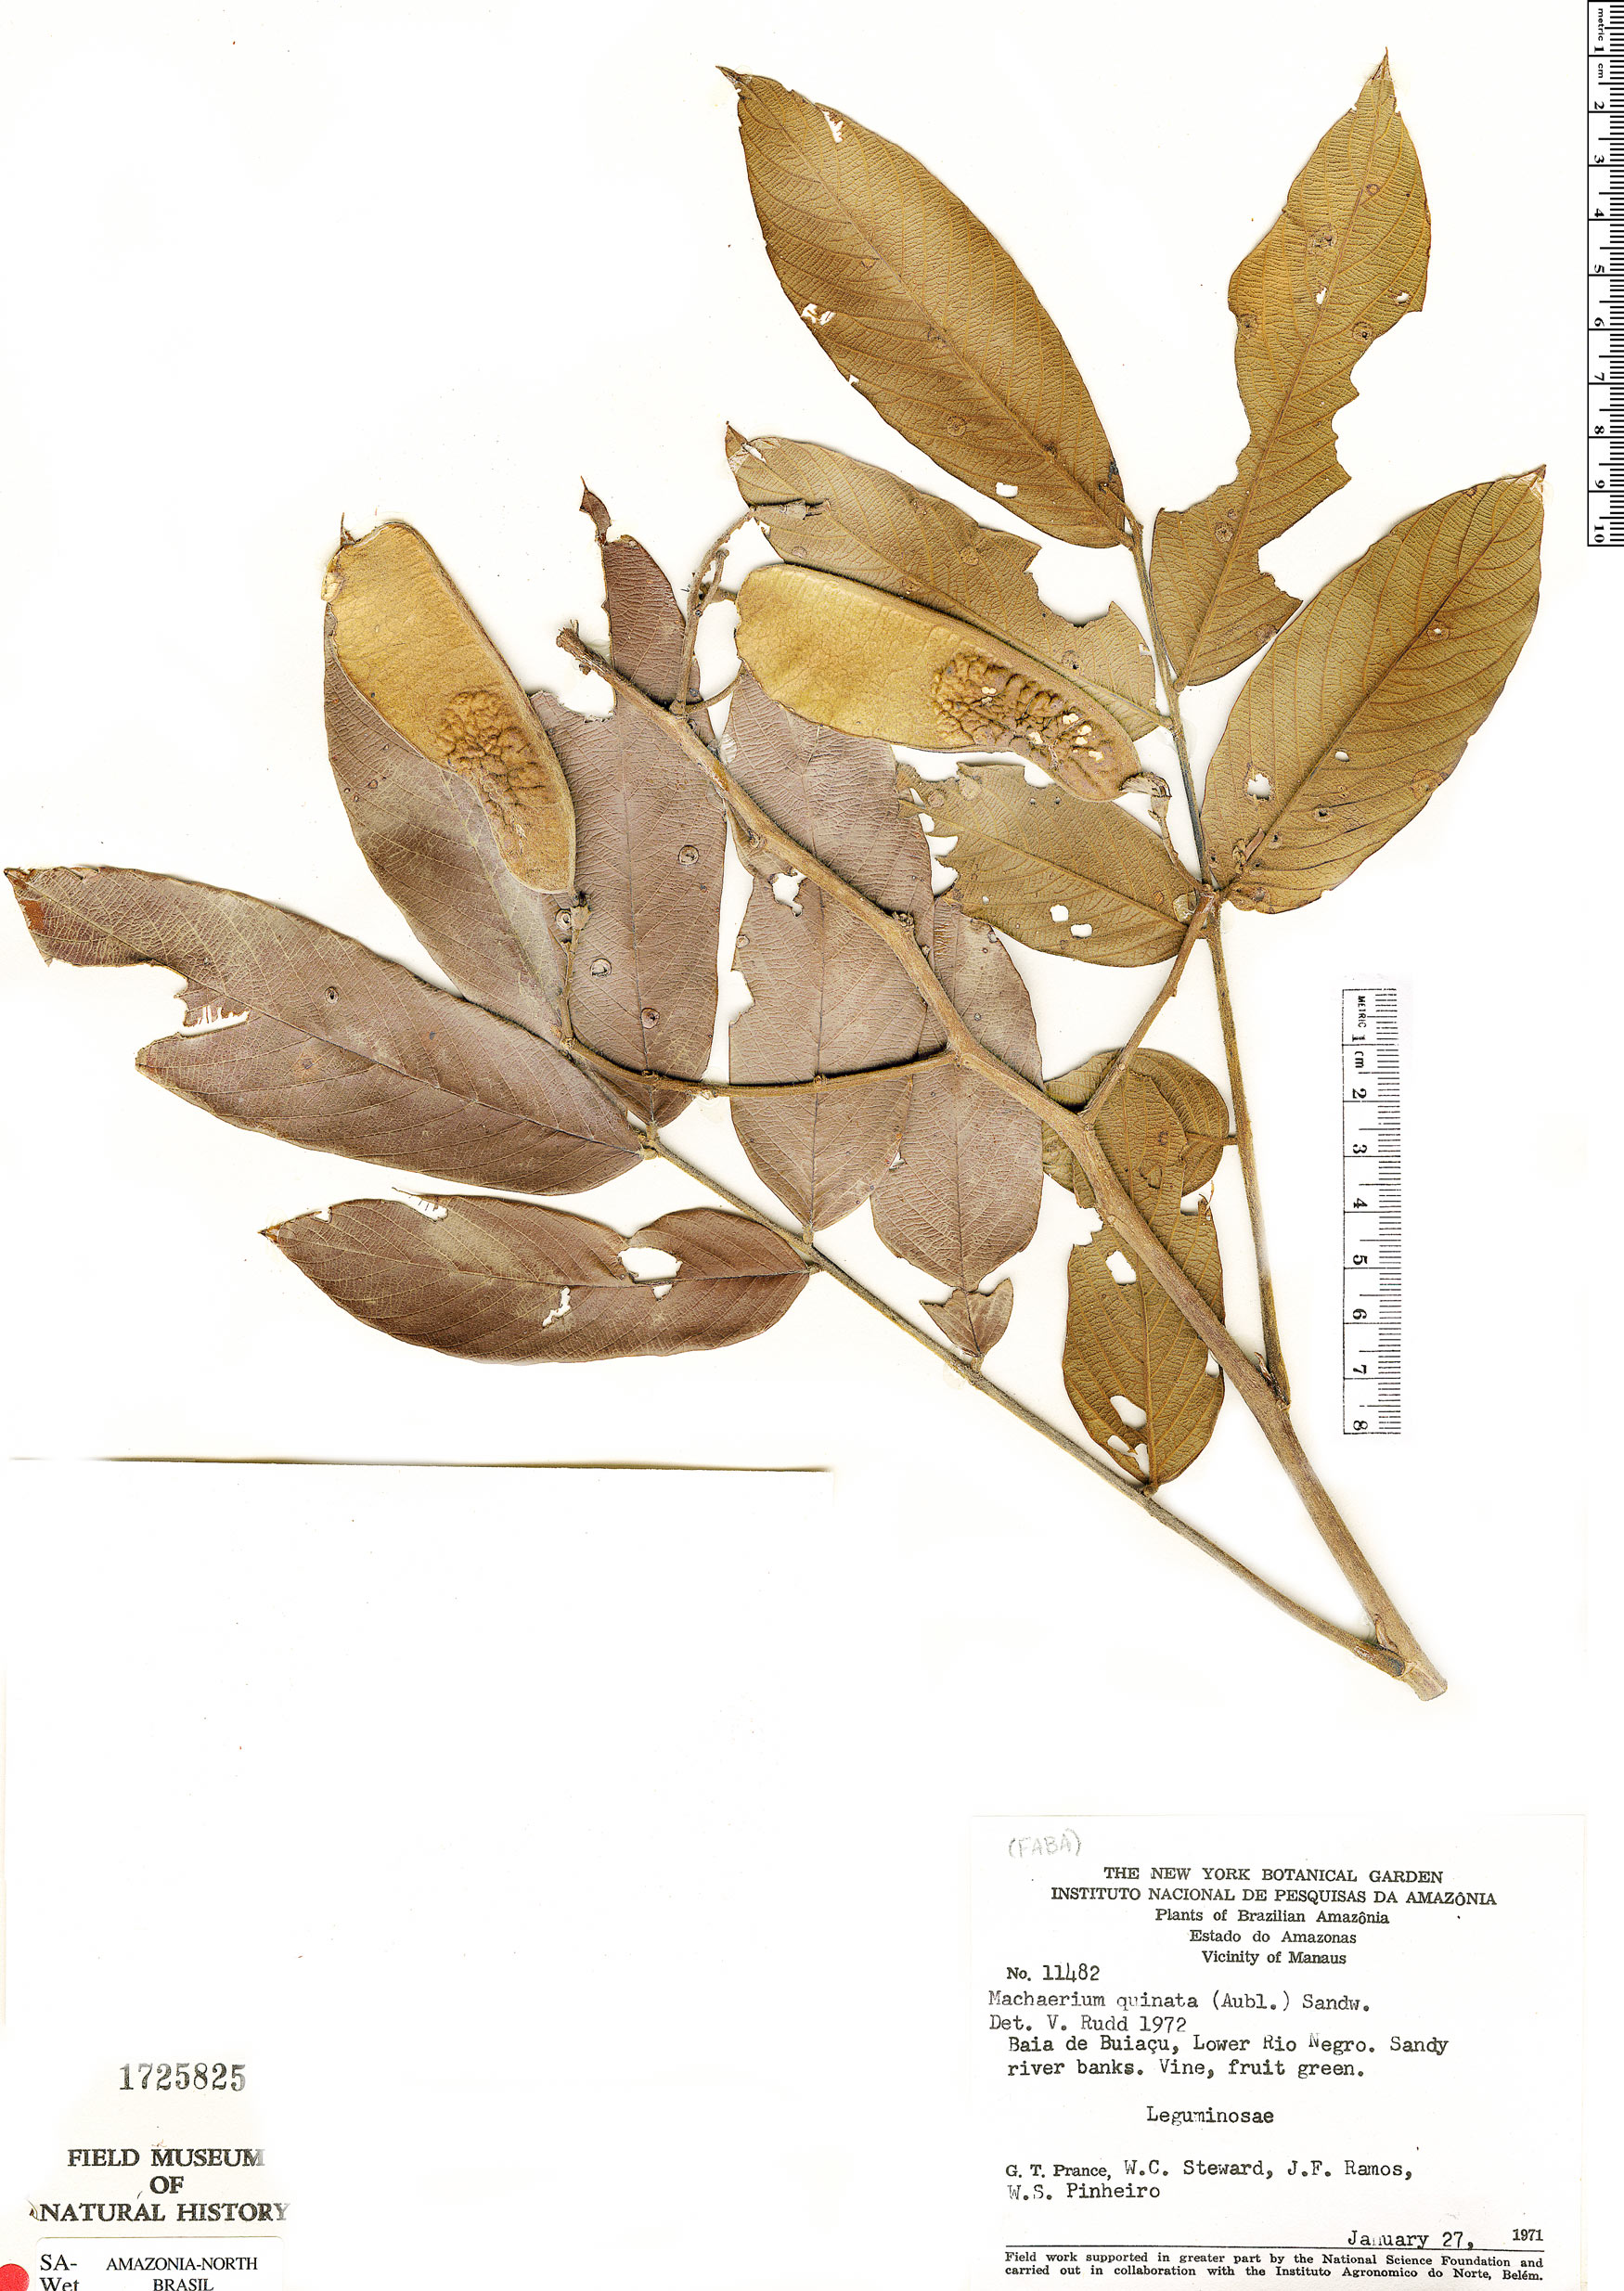 Specimen: Machaerium quinata